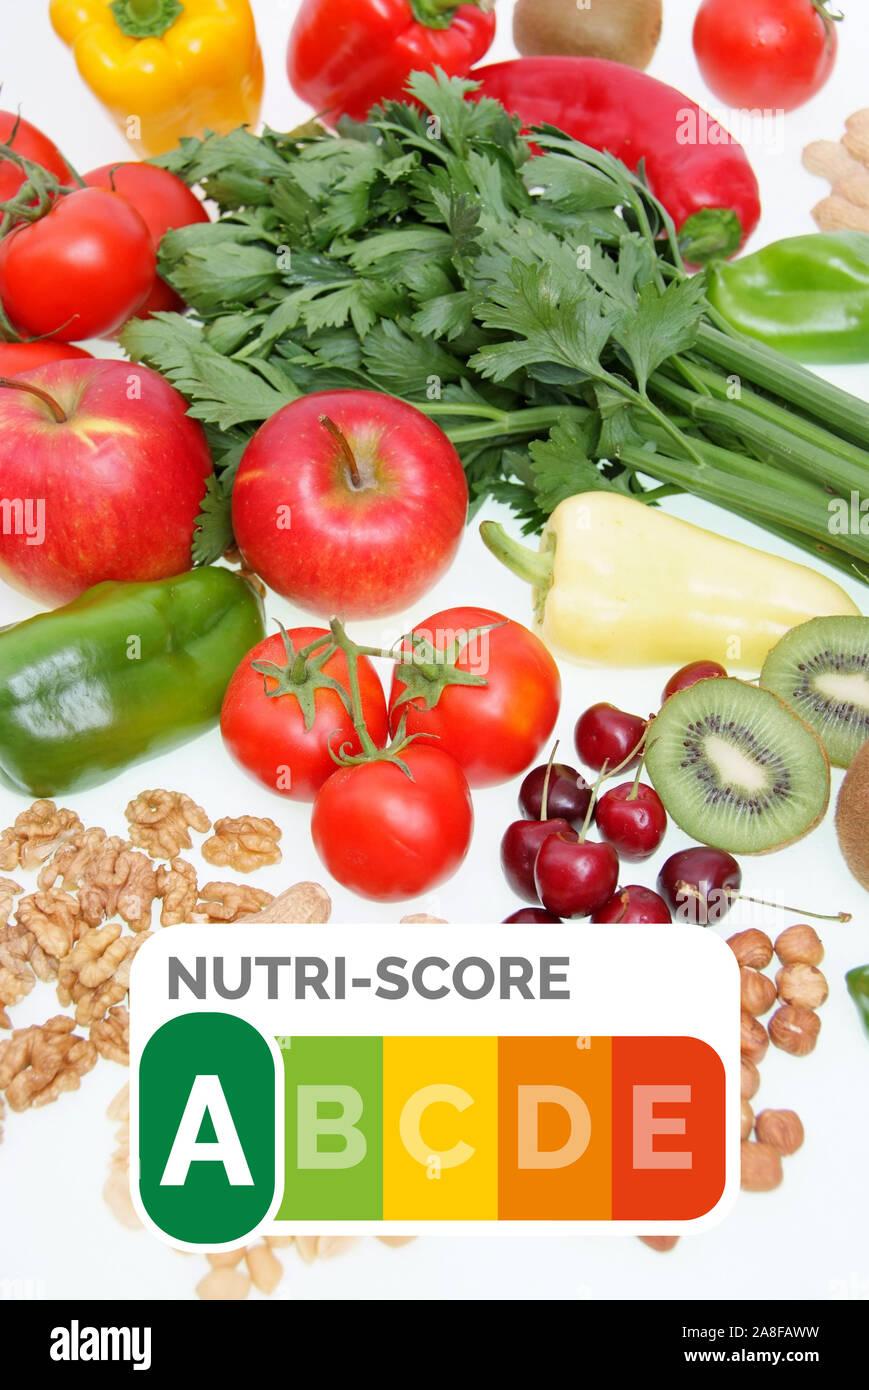 Symbolfoto gesunde Ernährung, Obst, Gemüse, Nüsse, Kirschen, Erdnüsse, Paproka, Tomaten, Rettich, Walnüsse, Kiwi, Apfel, Nutri-Score Siegel, Nährwertq Stock Photo